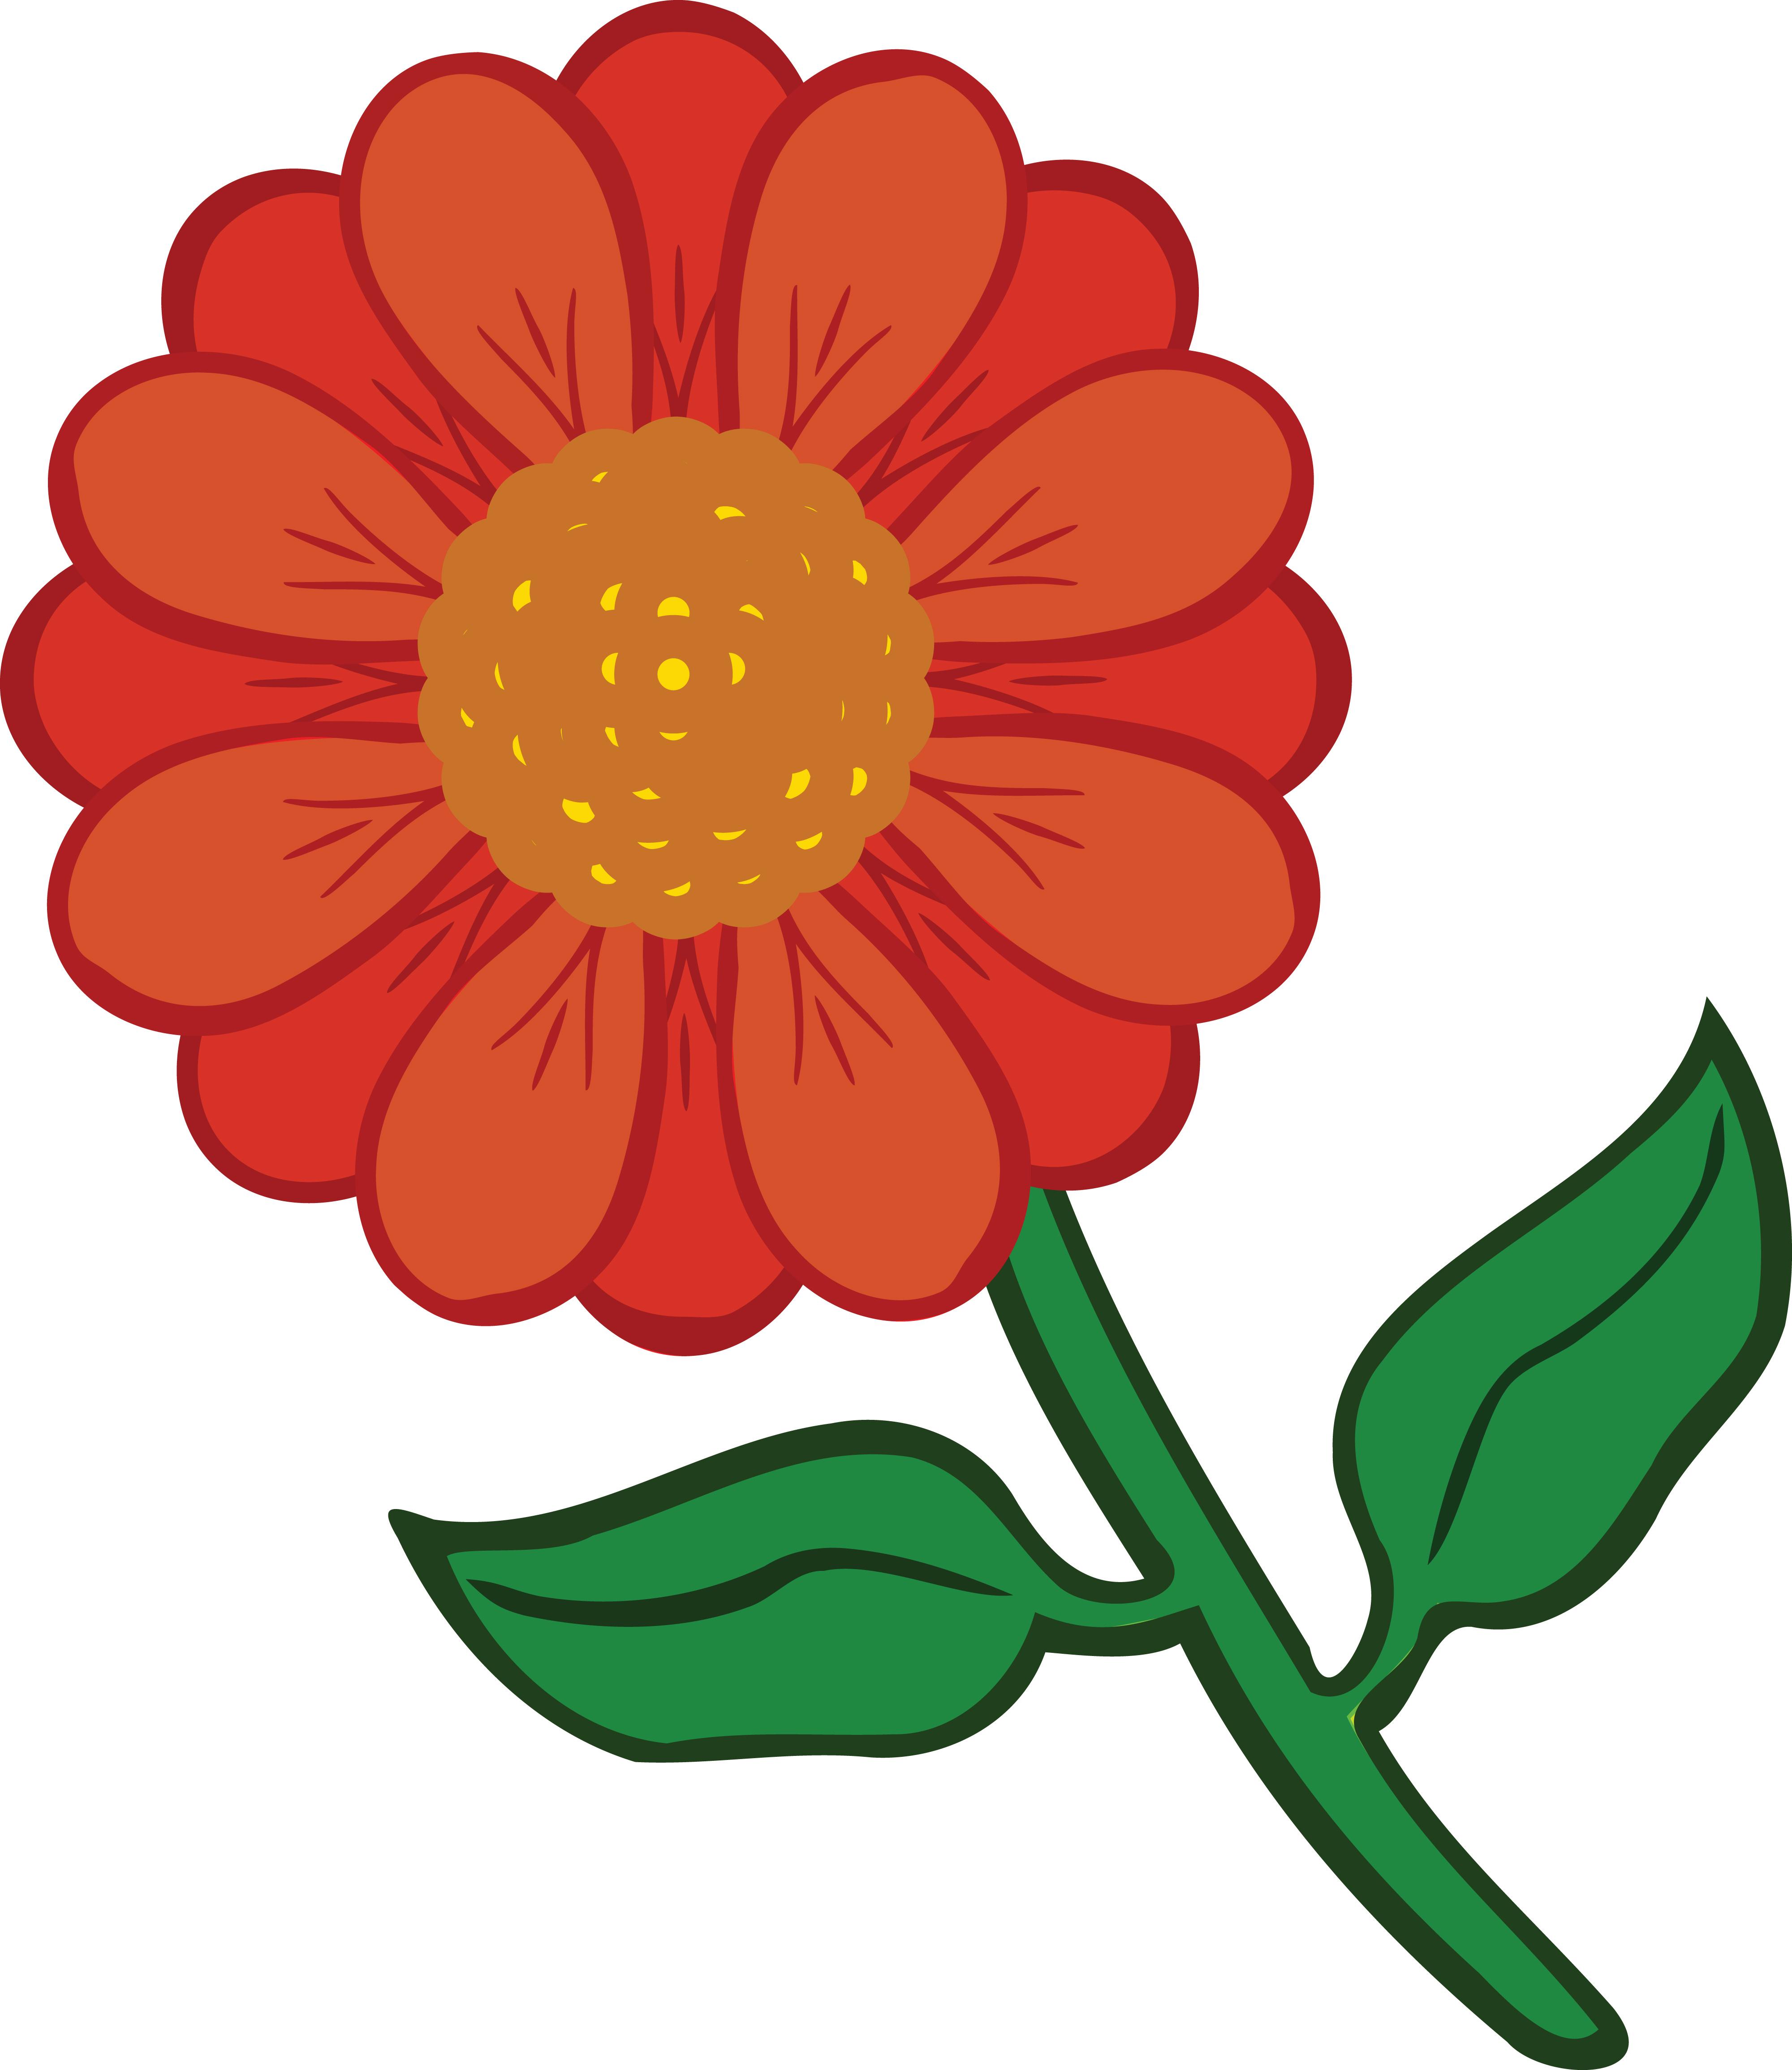 4000x4620 Clipart Of A Daisy Flower